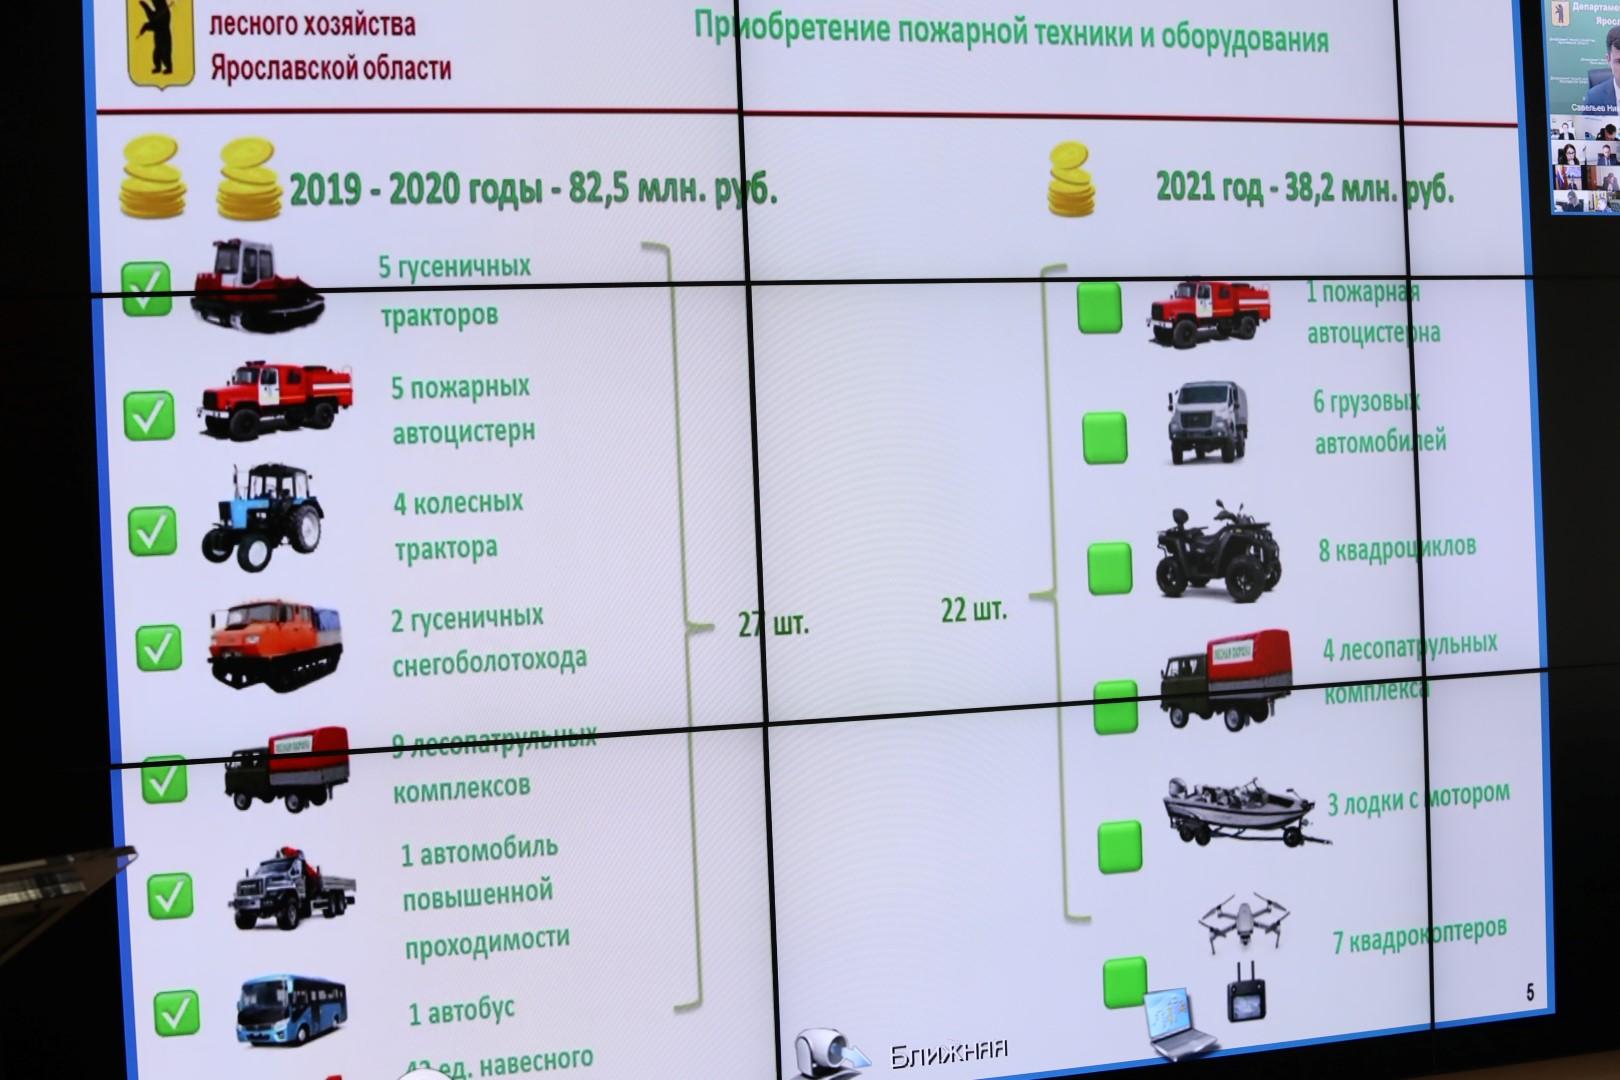 Пожароопасную обстановку в Ярославской области будут контролировать при помощи беспилотников